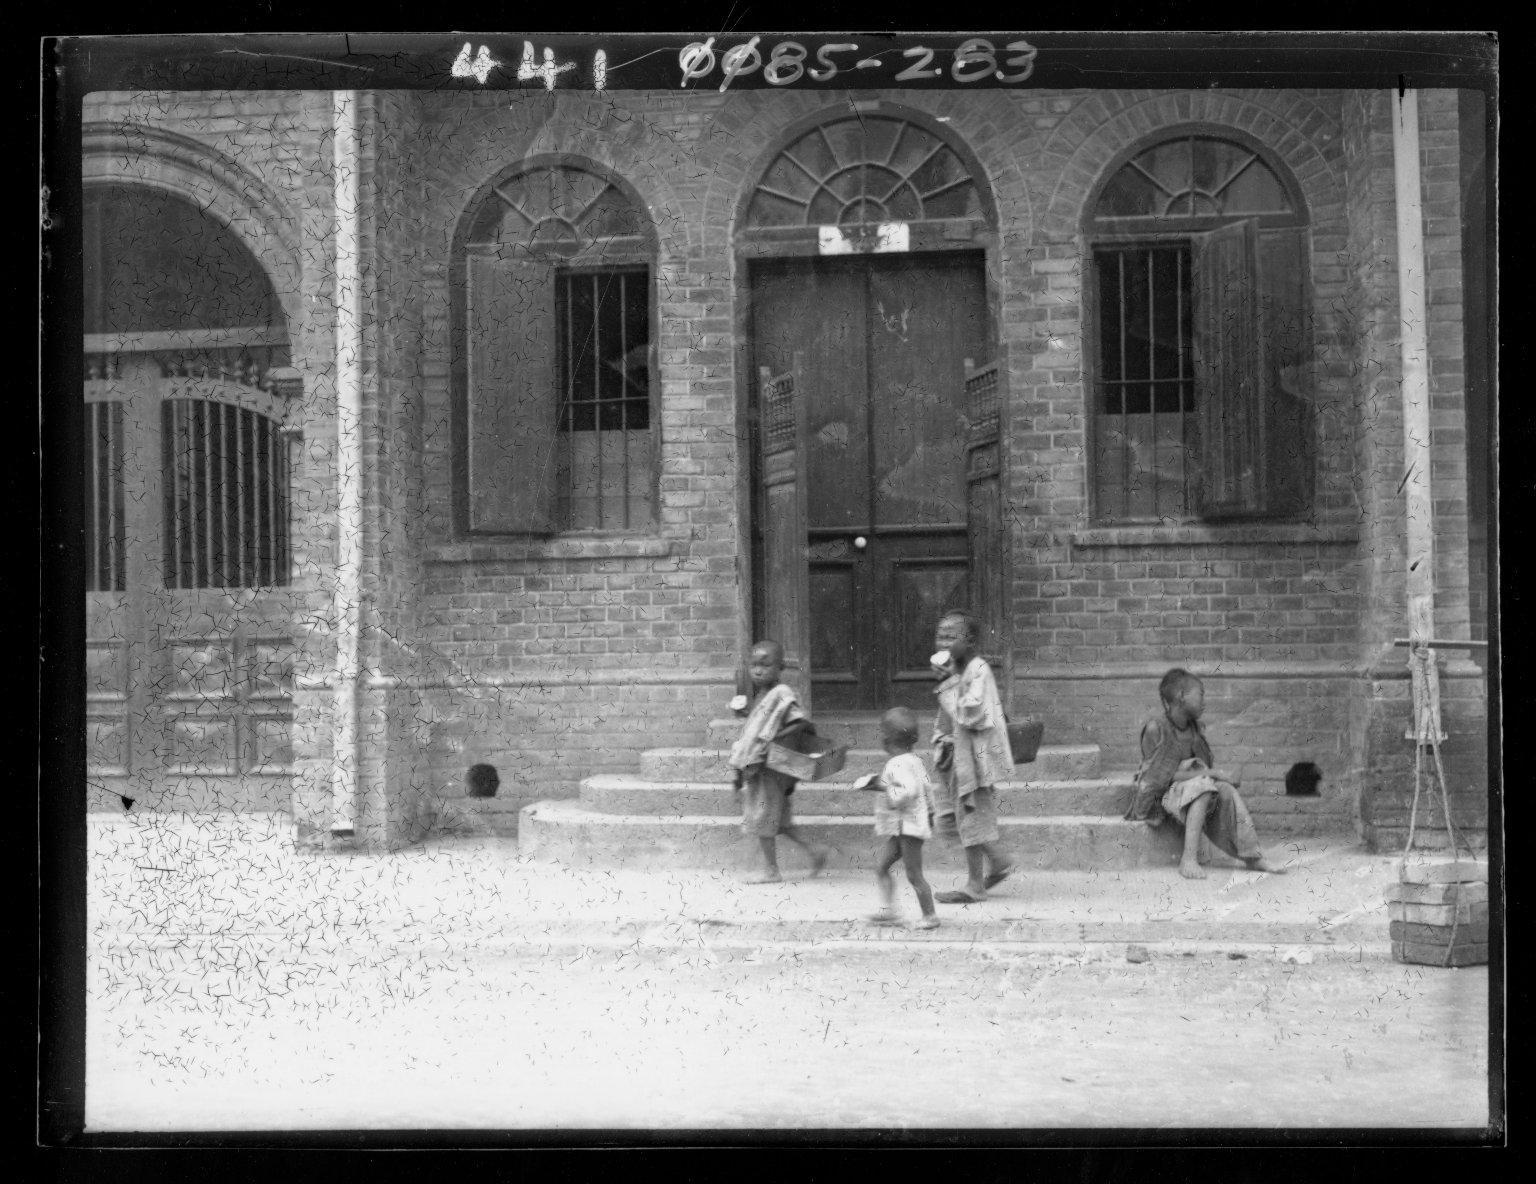 Hankow (Hankou), China